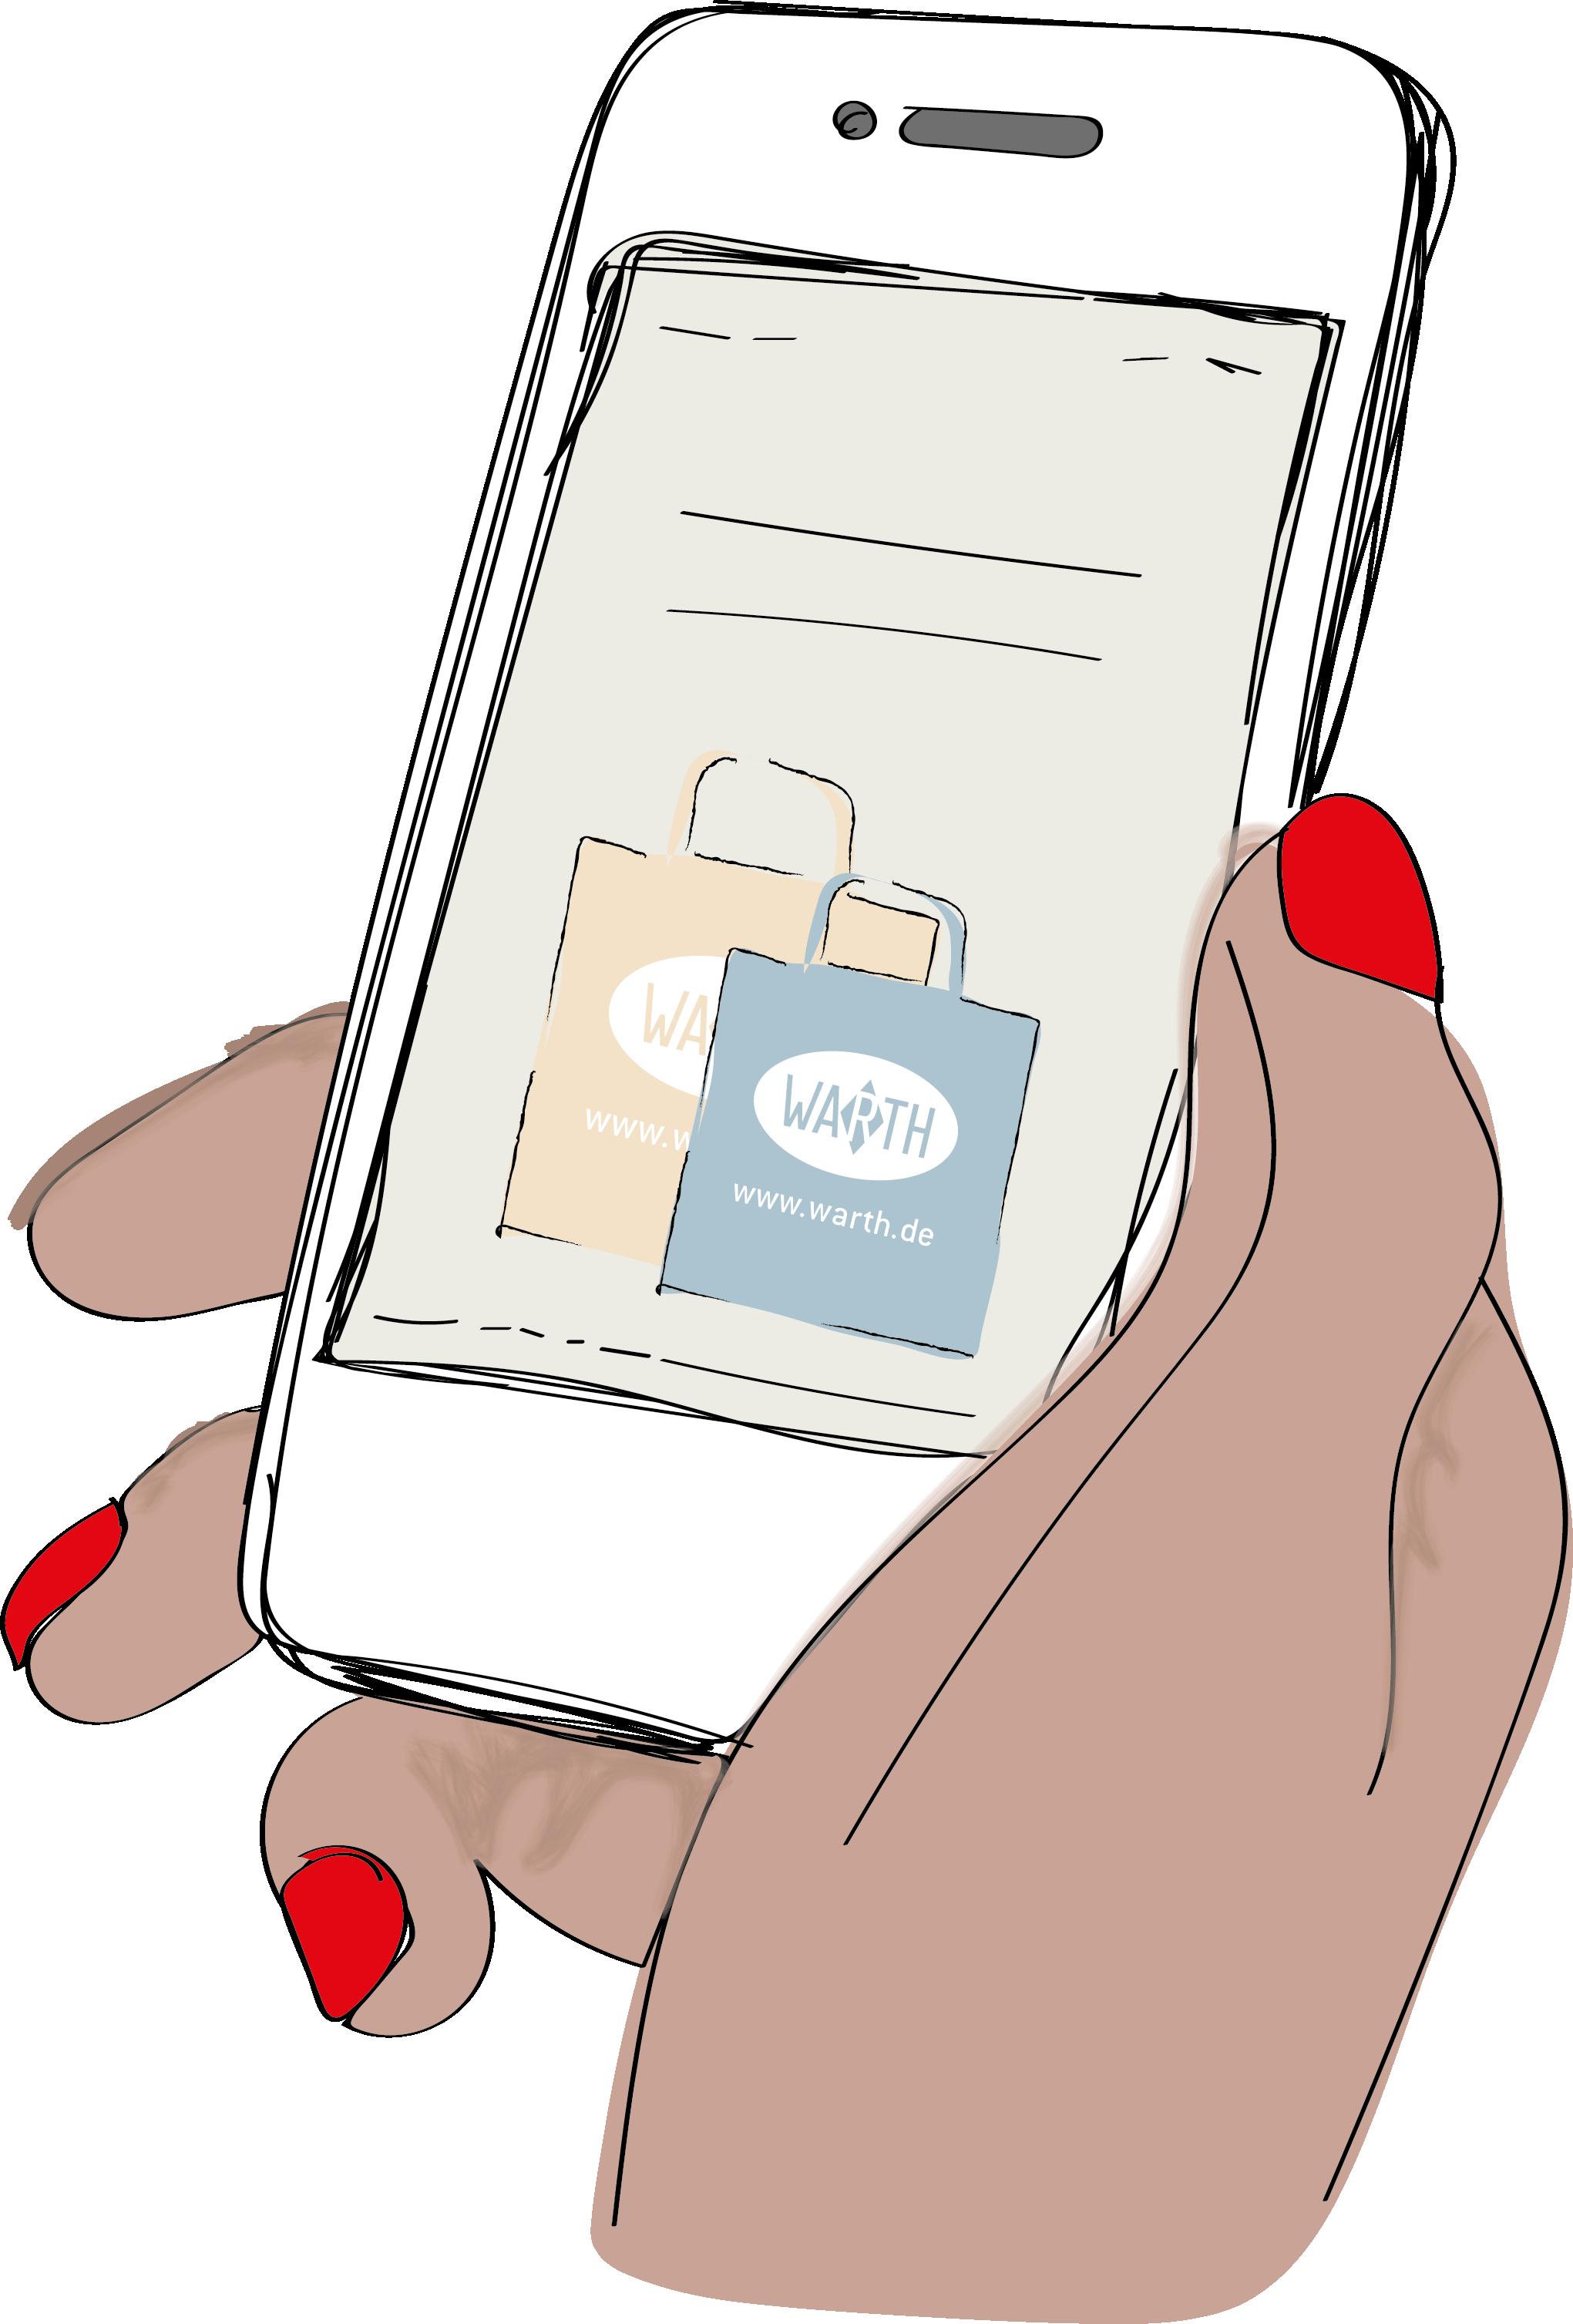 Gezeichnetes Bild einer Hand mit einem Smartphone